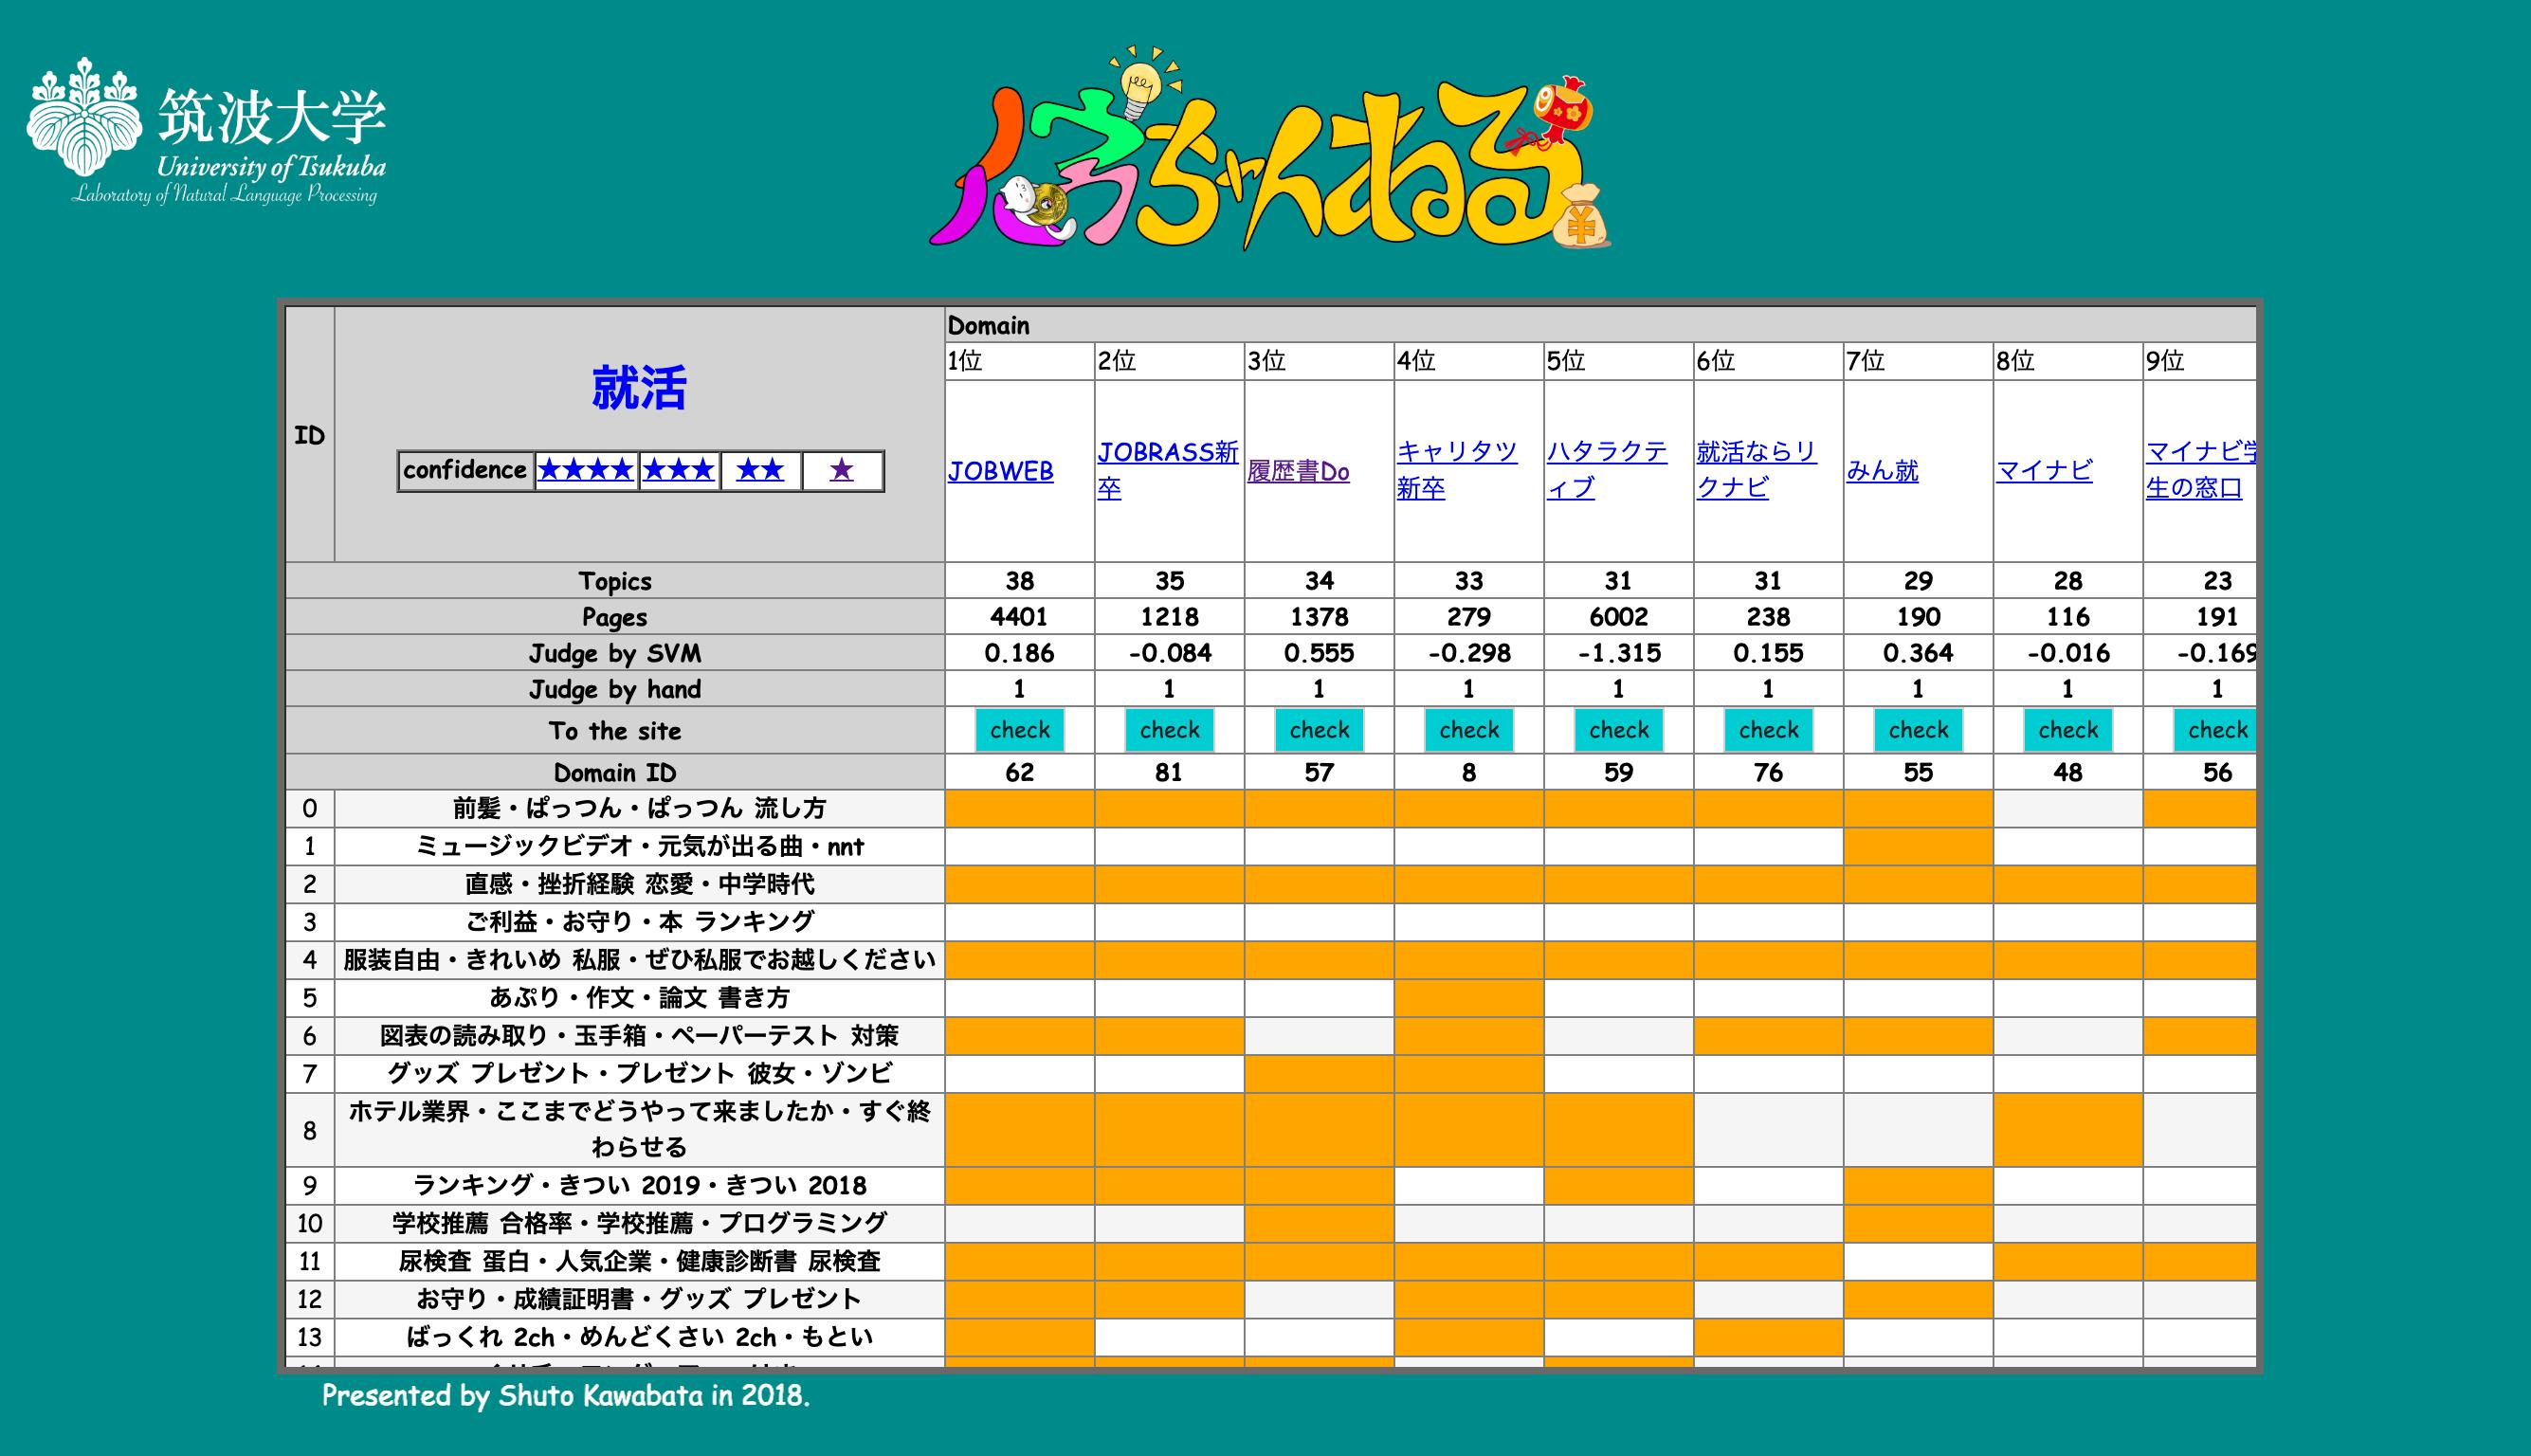 スクリーンショット 2019-03-20 0.26.14.png